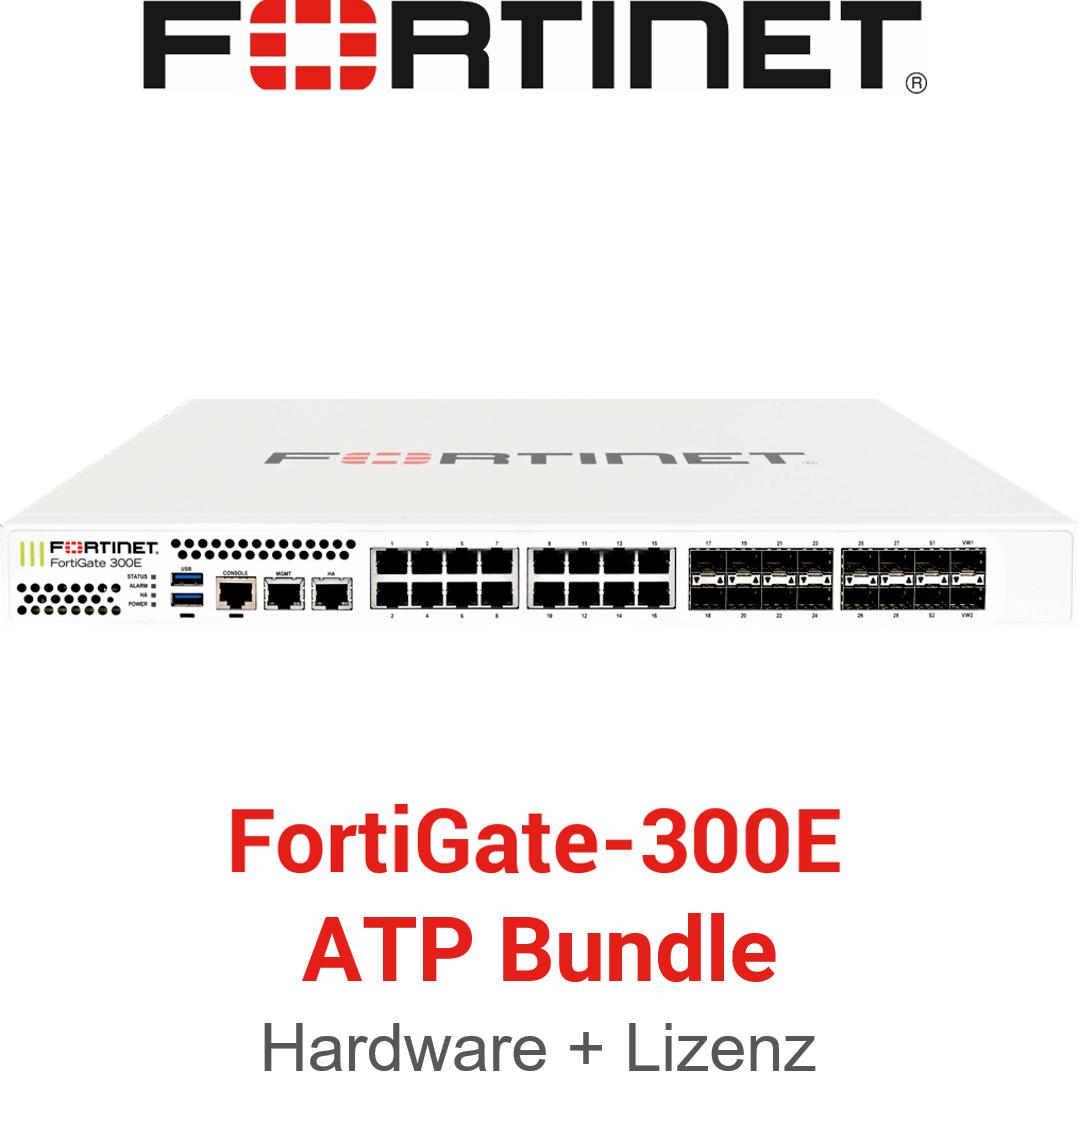 Fortinet FortiGate-300E - ATP Bundle (Hardware + Lizenz)